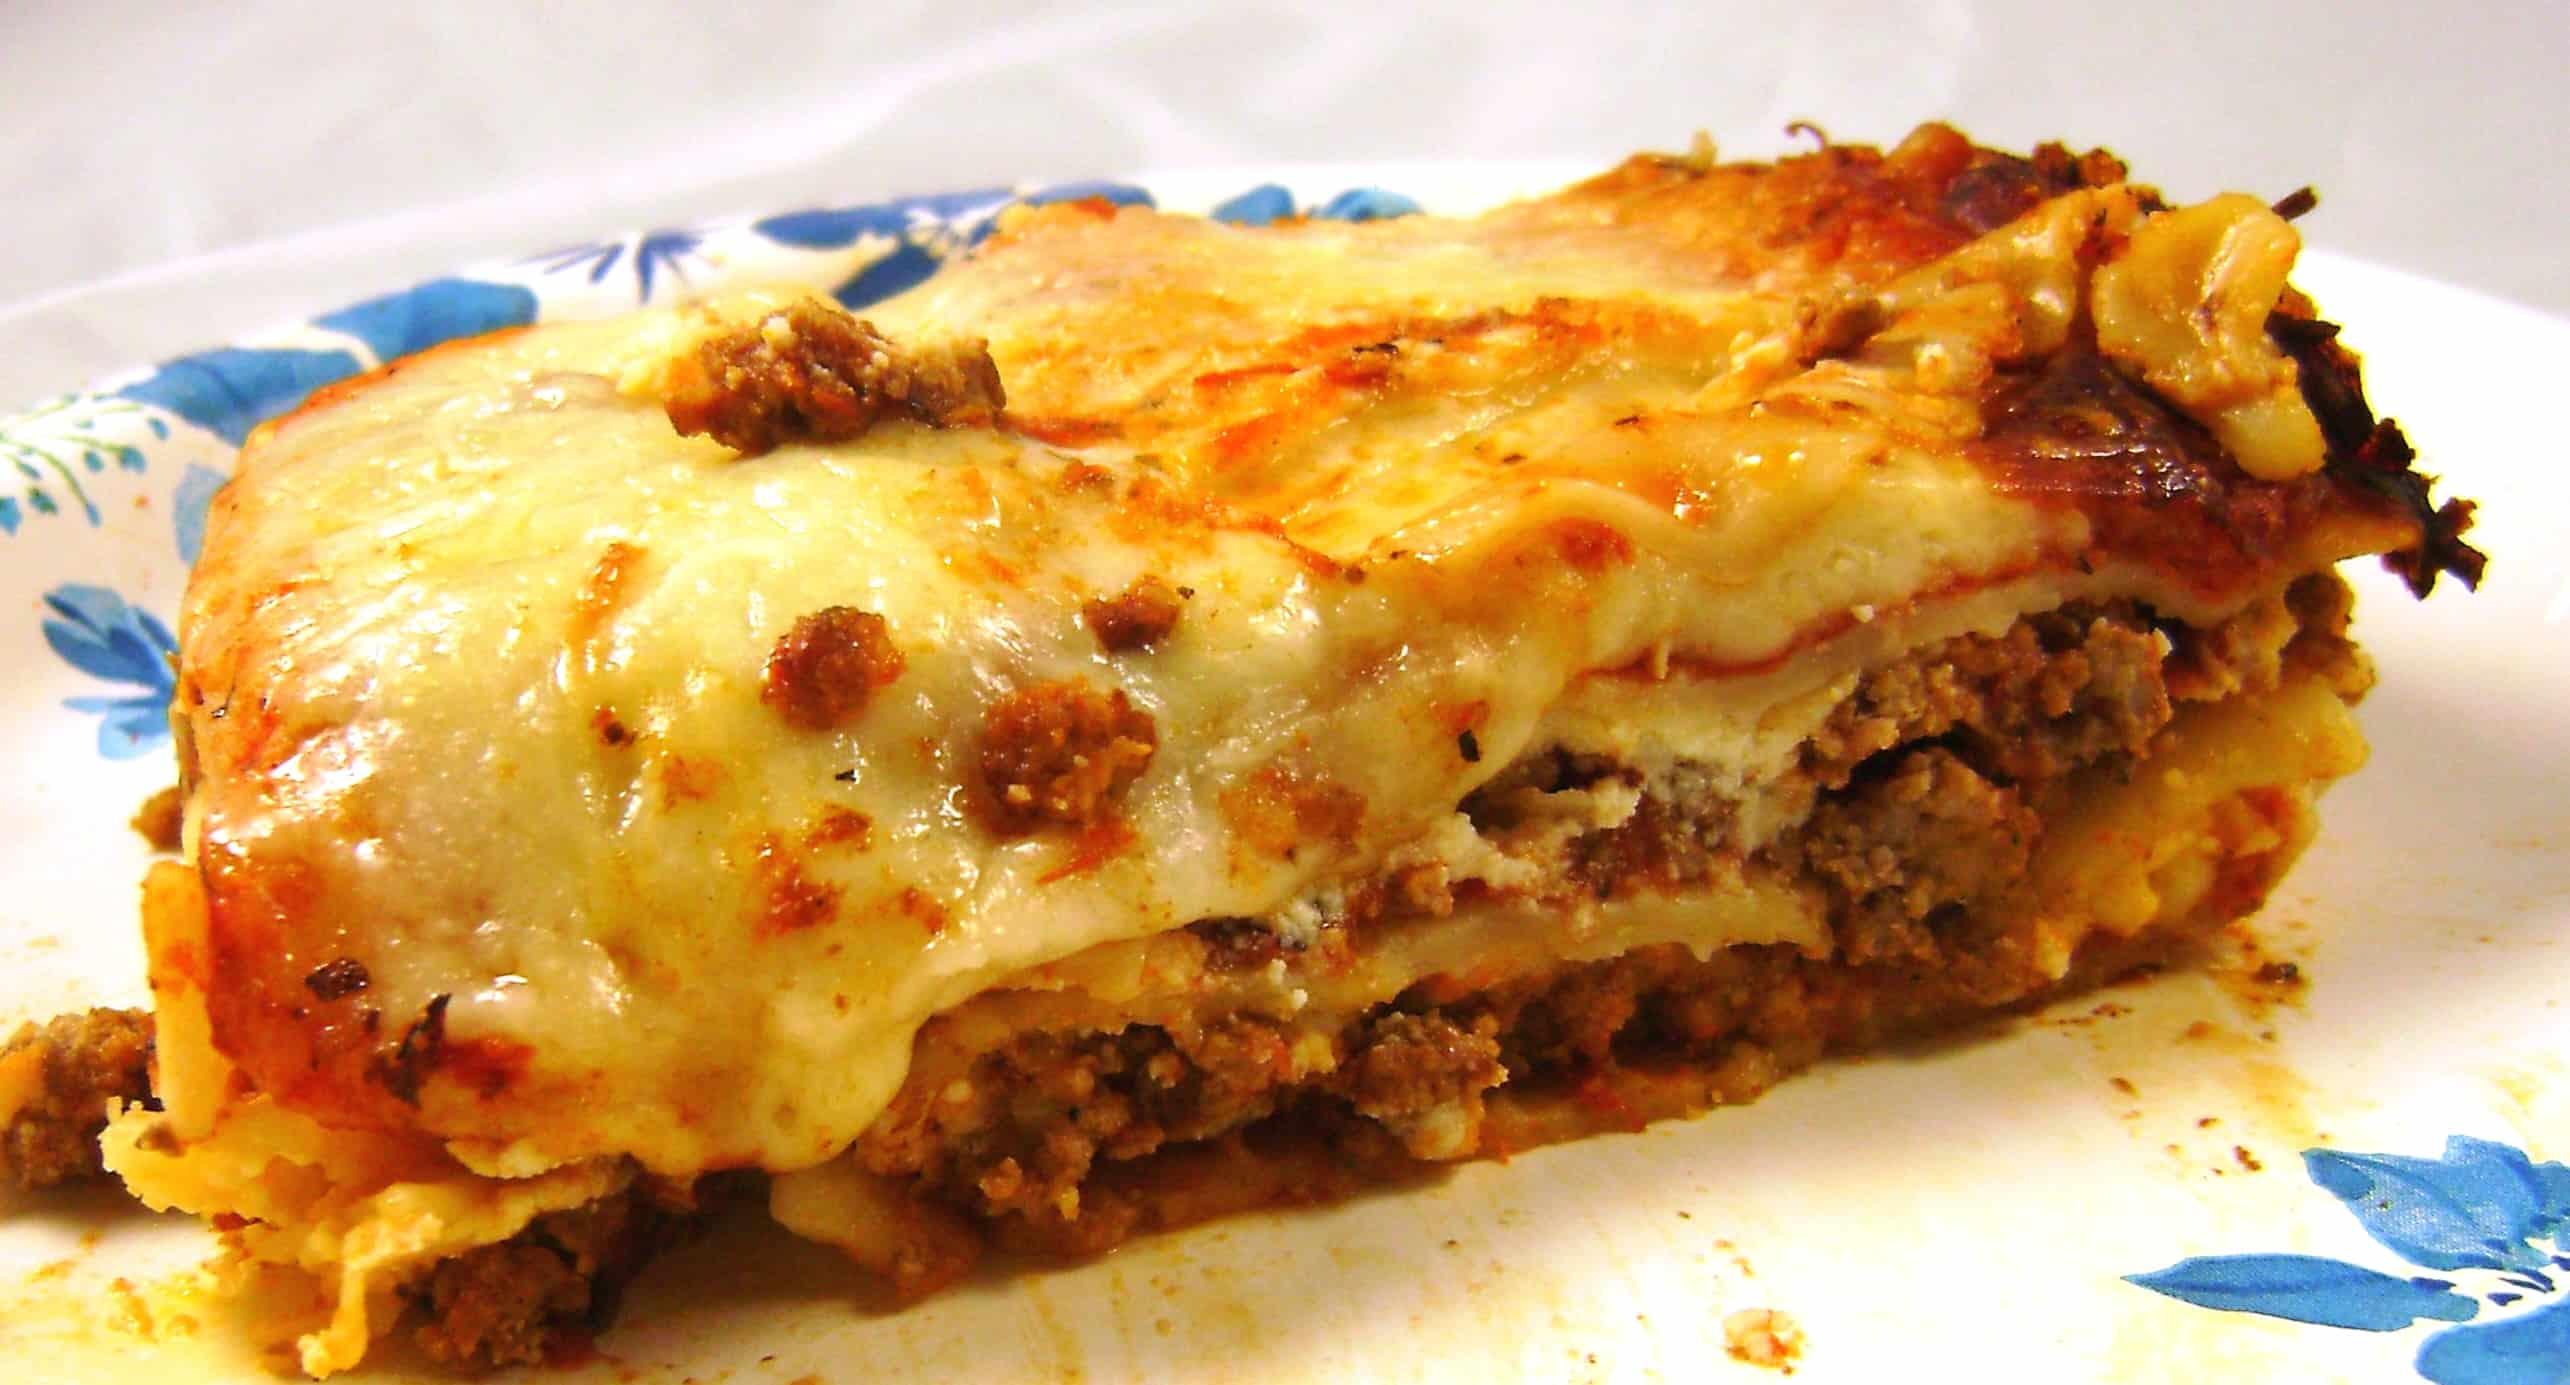 Healthy Meat Lasagna | DietRecipesReview.com